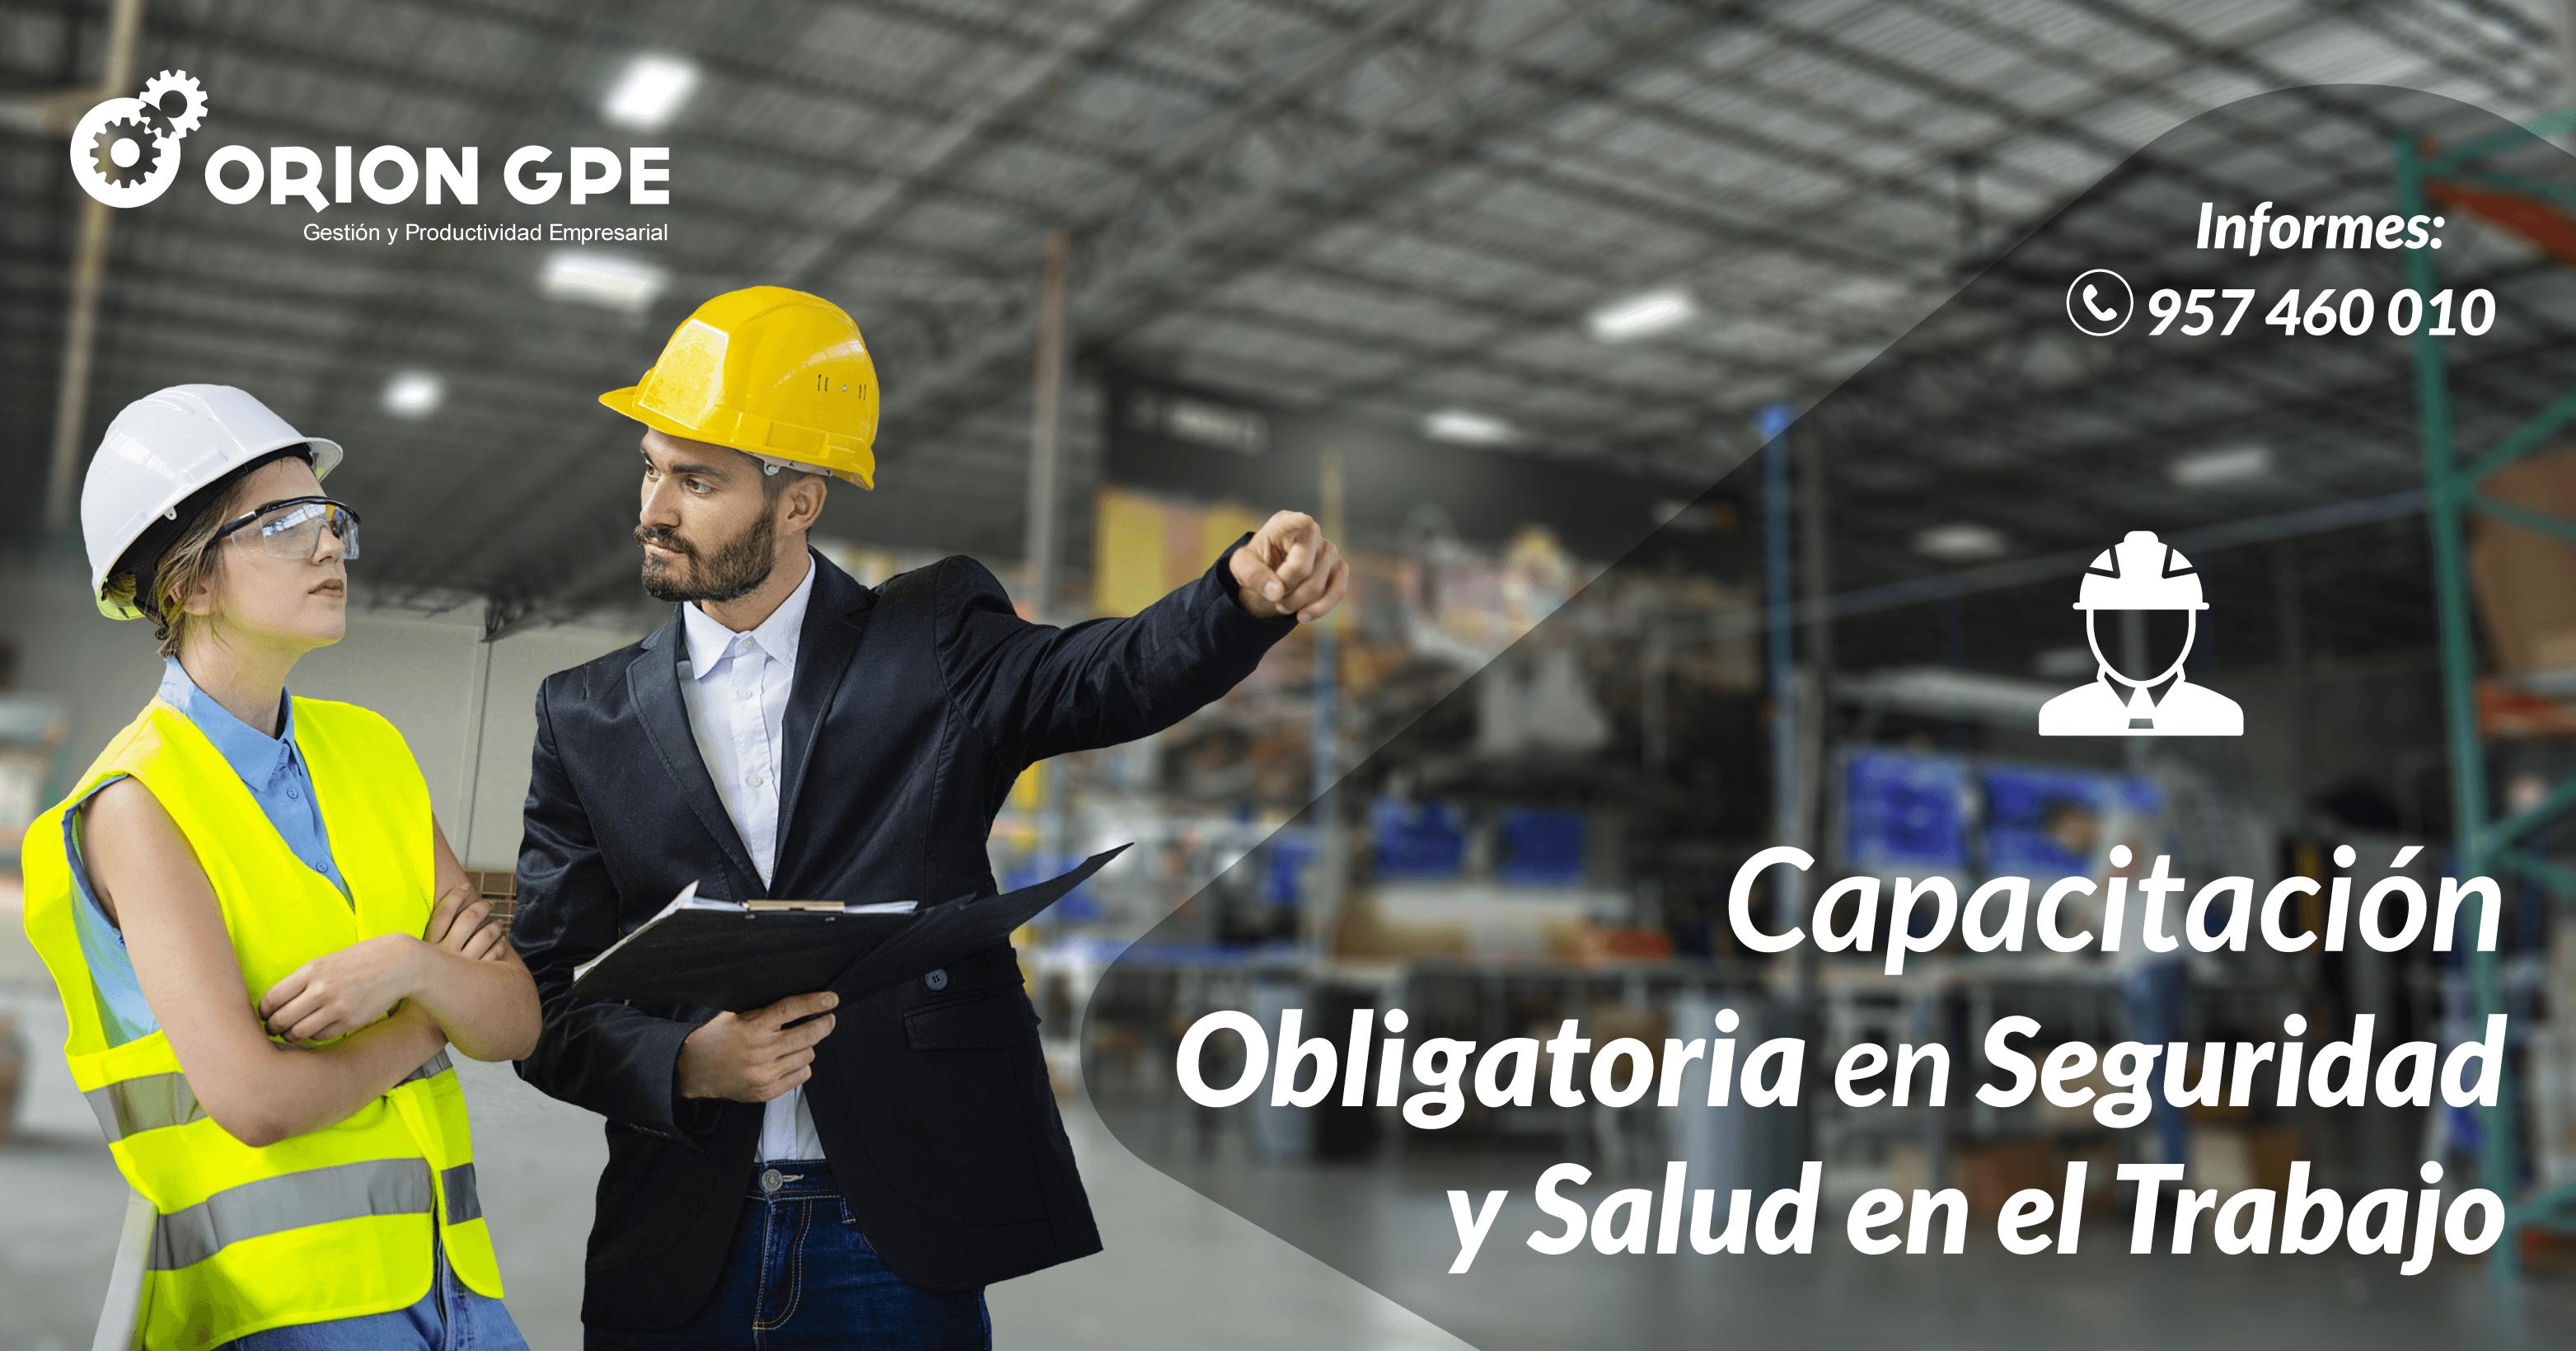 Programa de Capacitación Obligatoria en Seguridad y Salud en el Trabajo 2019